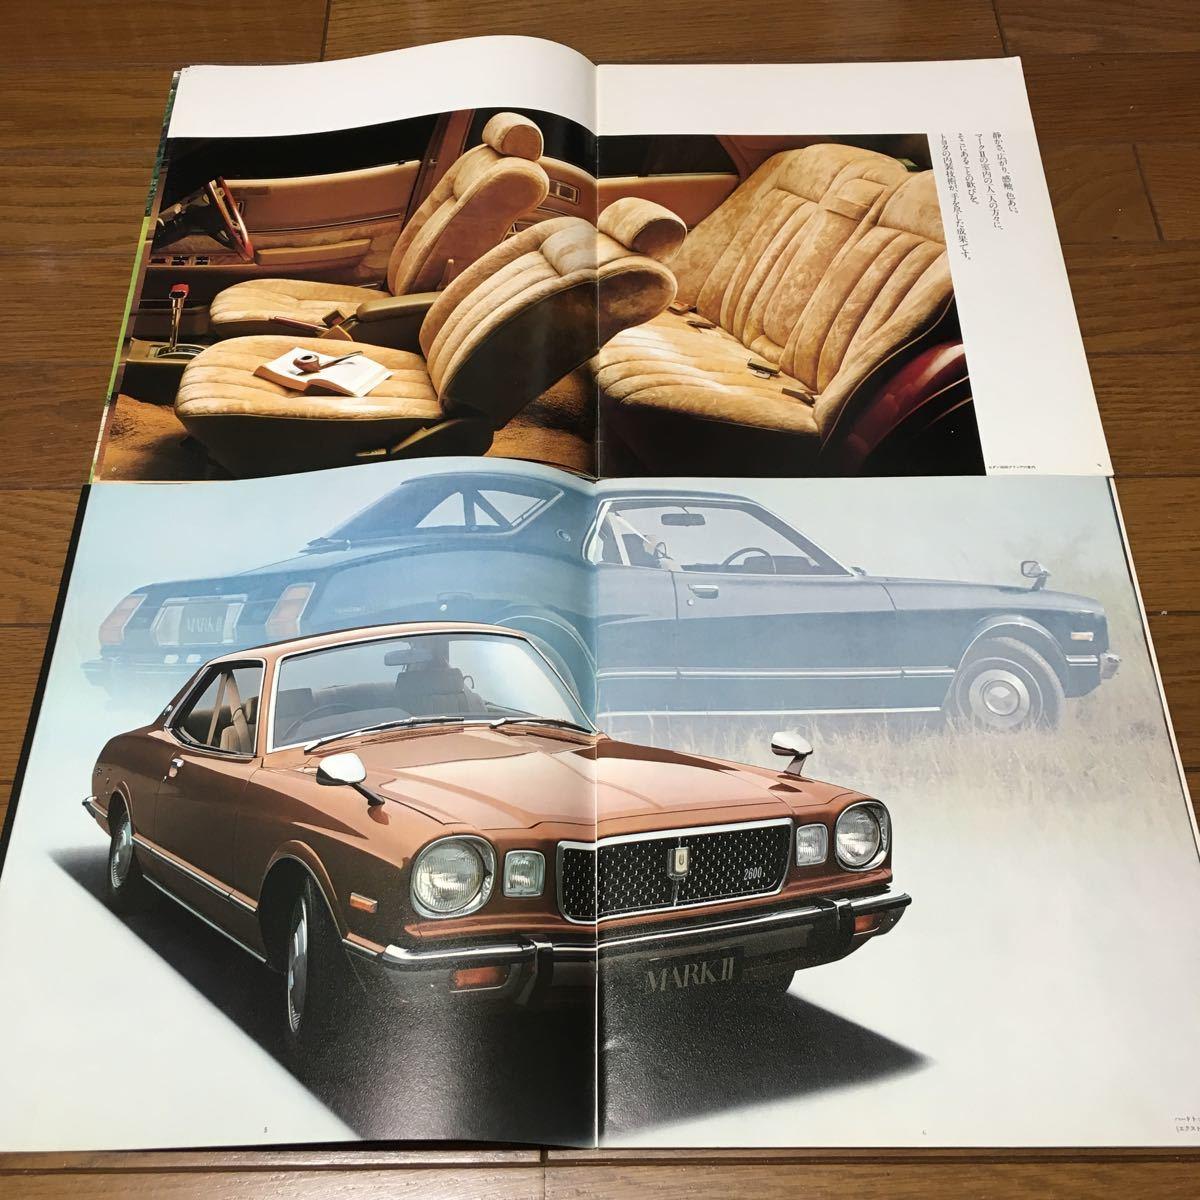 絶版 旧車カタログ トヨタ マークII ブタメ 2冊セット 当時物 希少 _画像4